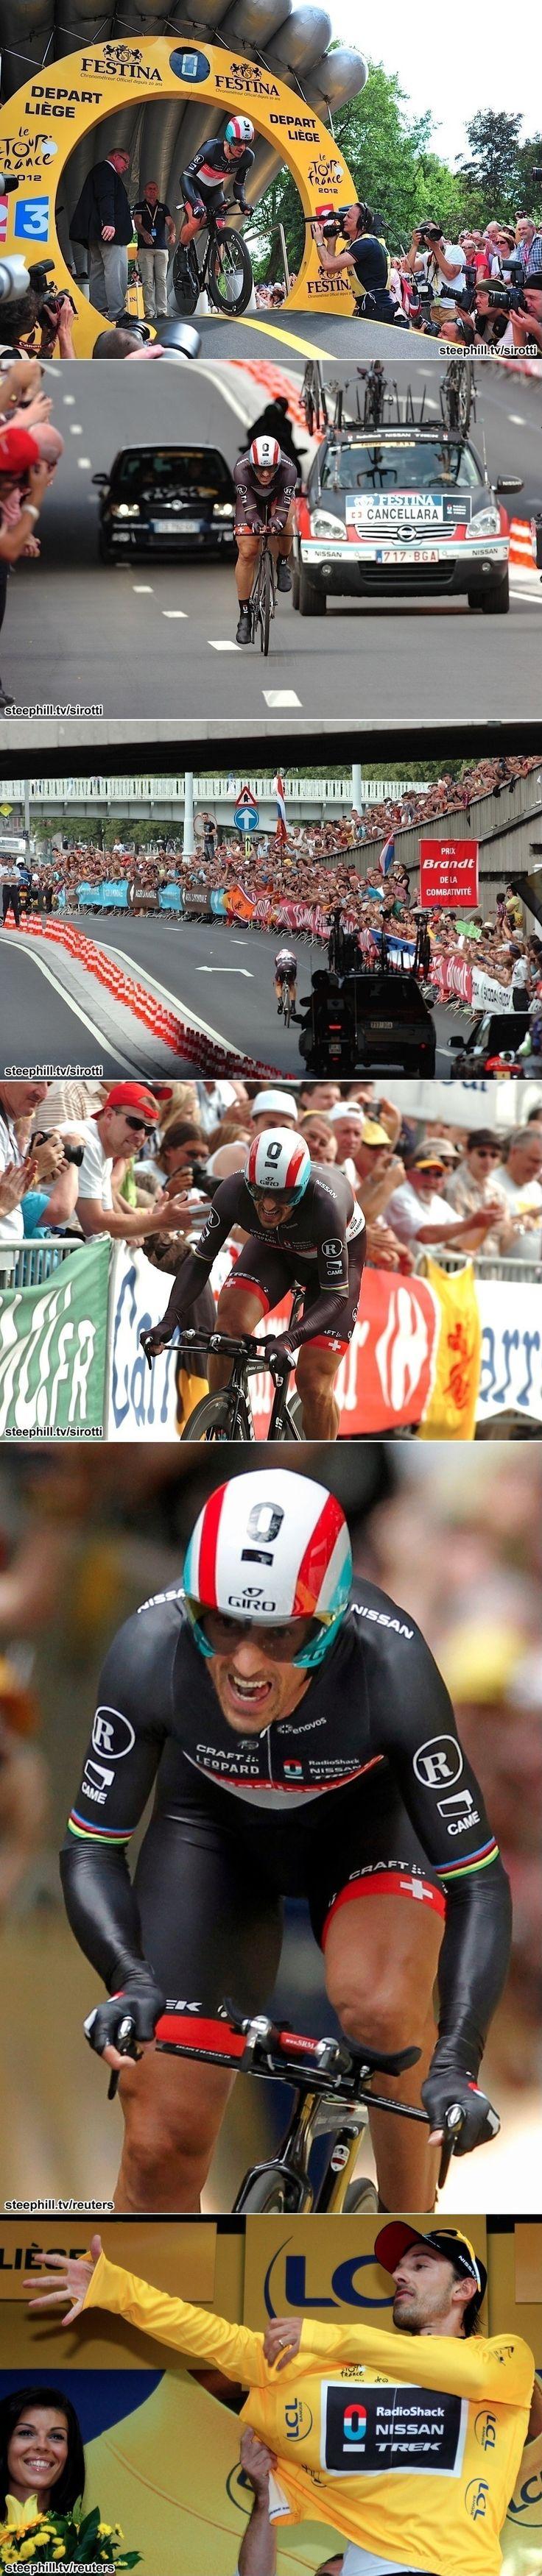 2012 30/6 proloog Luik > Fabian Cancellara van start tot aankomst op weg naar proloogwinst én gele trui